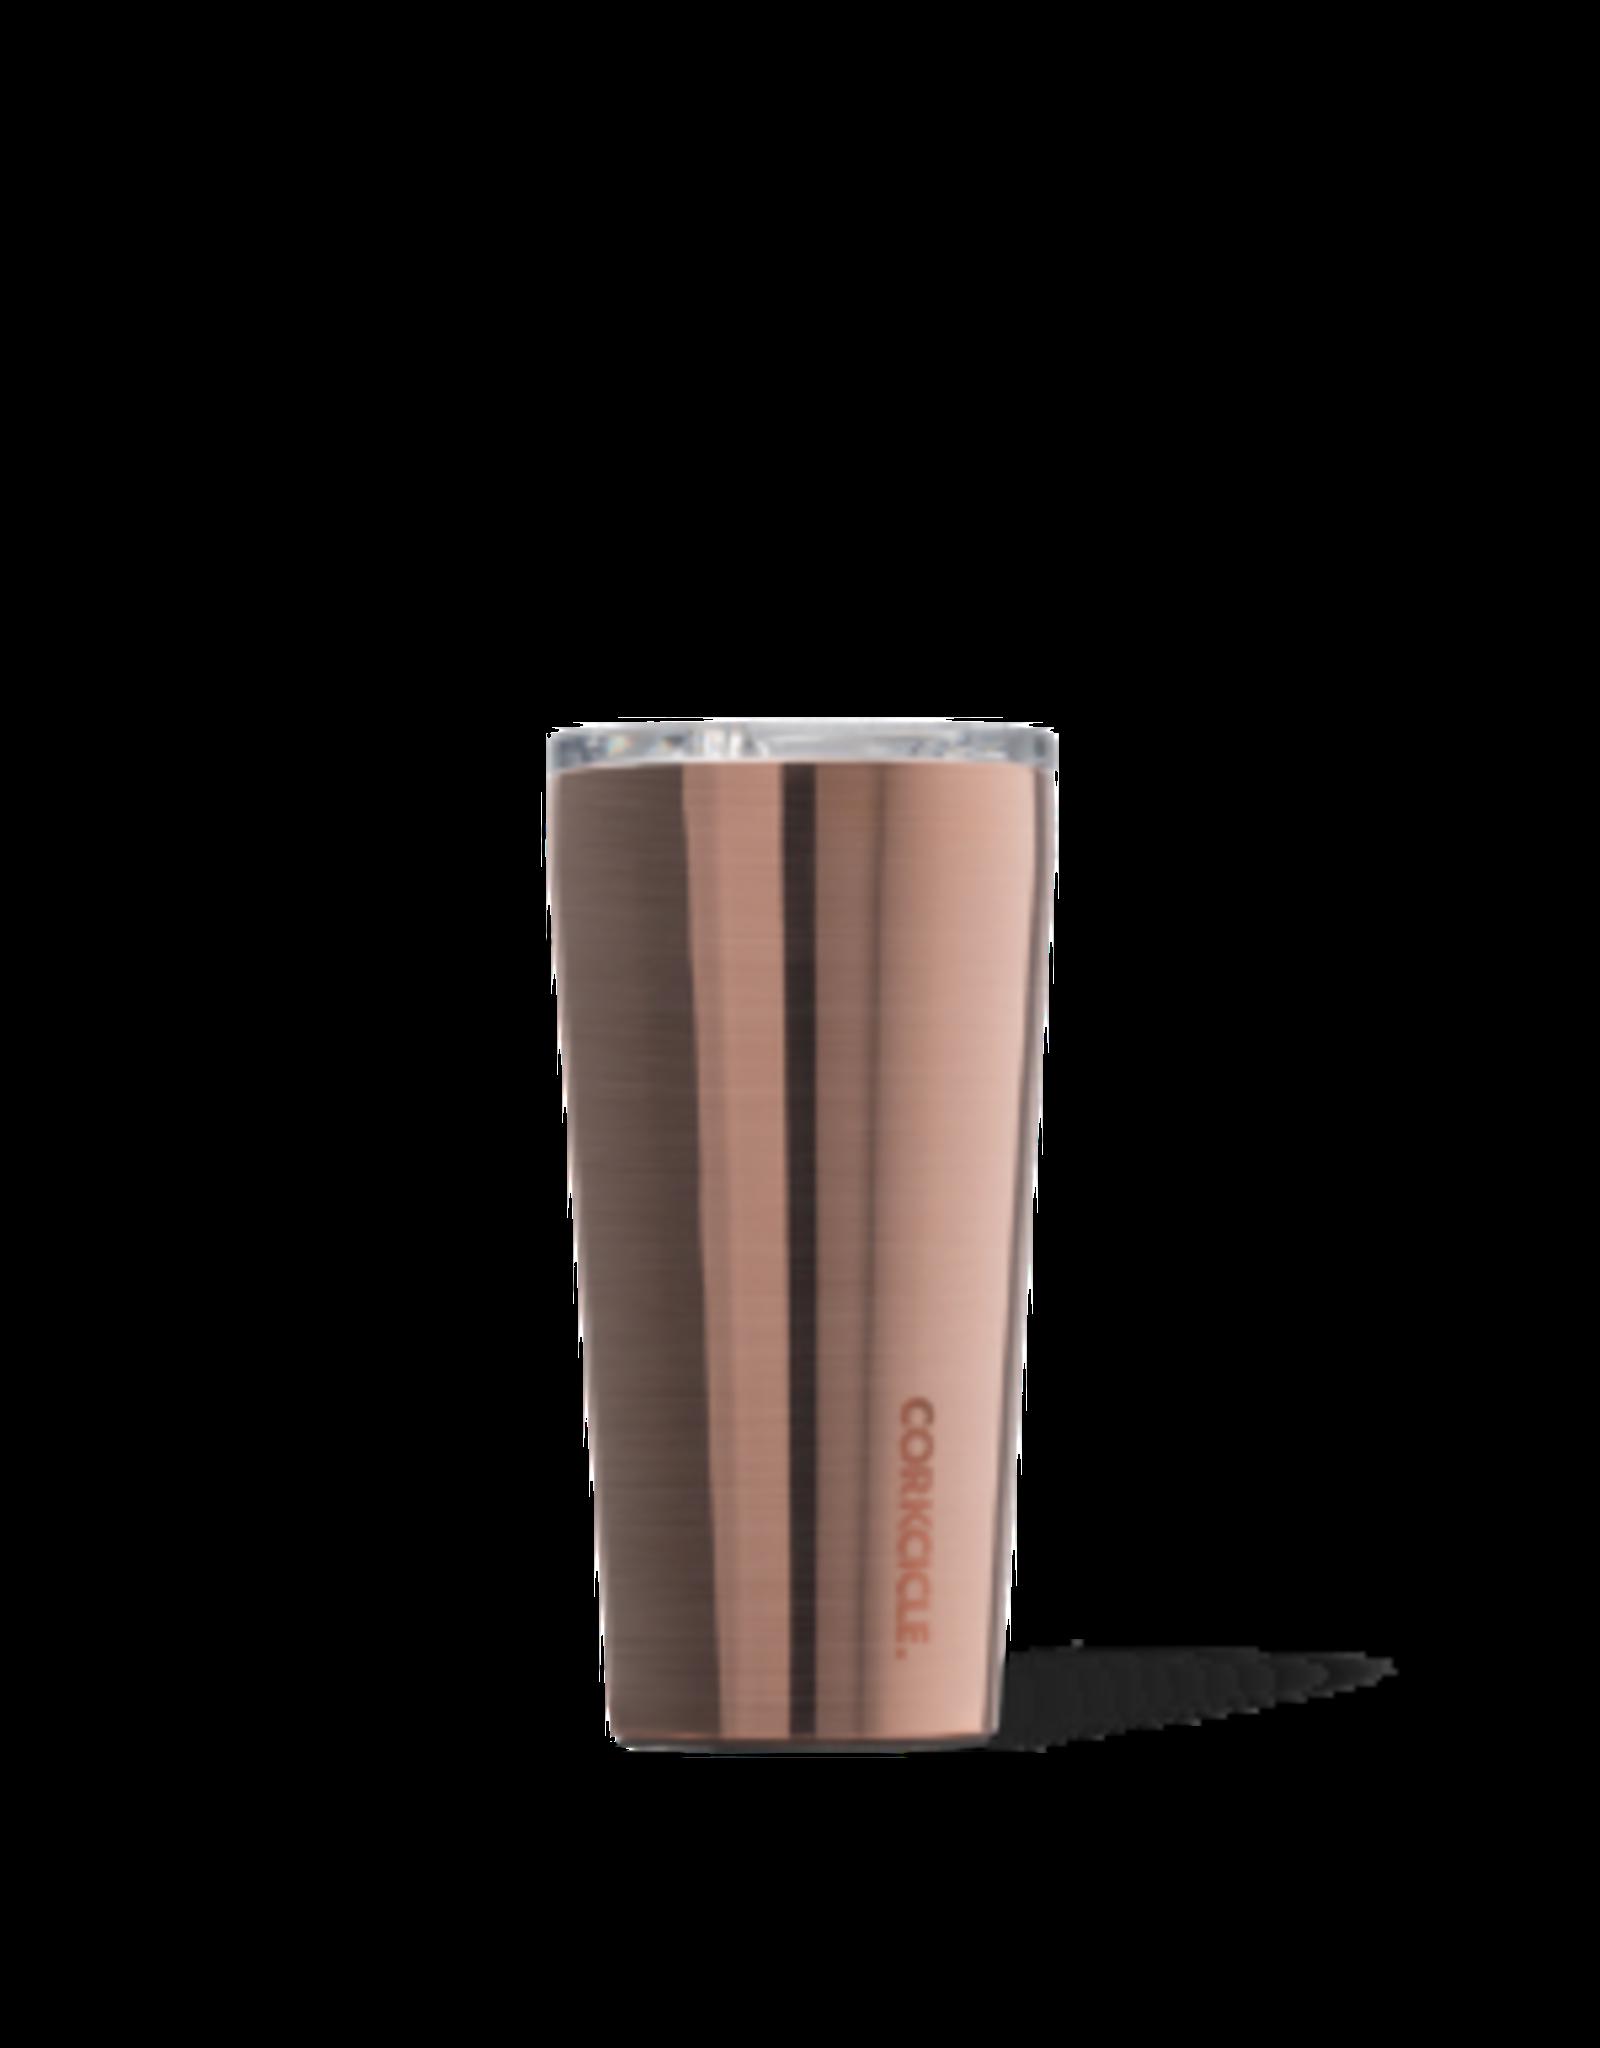 Corkcicle Copper Tumbler - 16oz